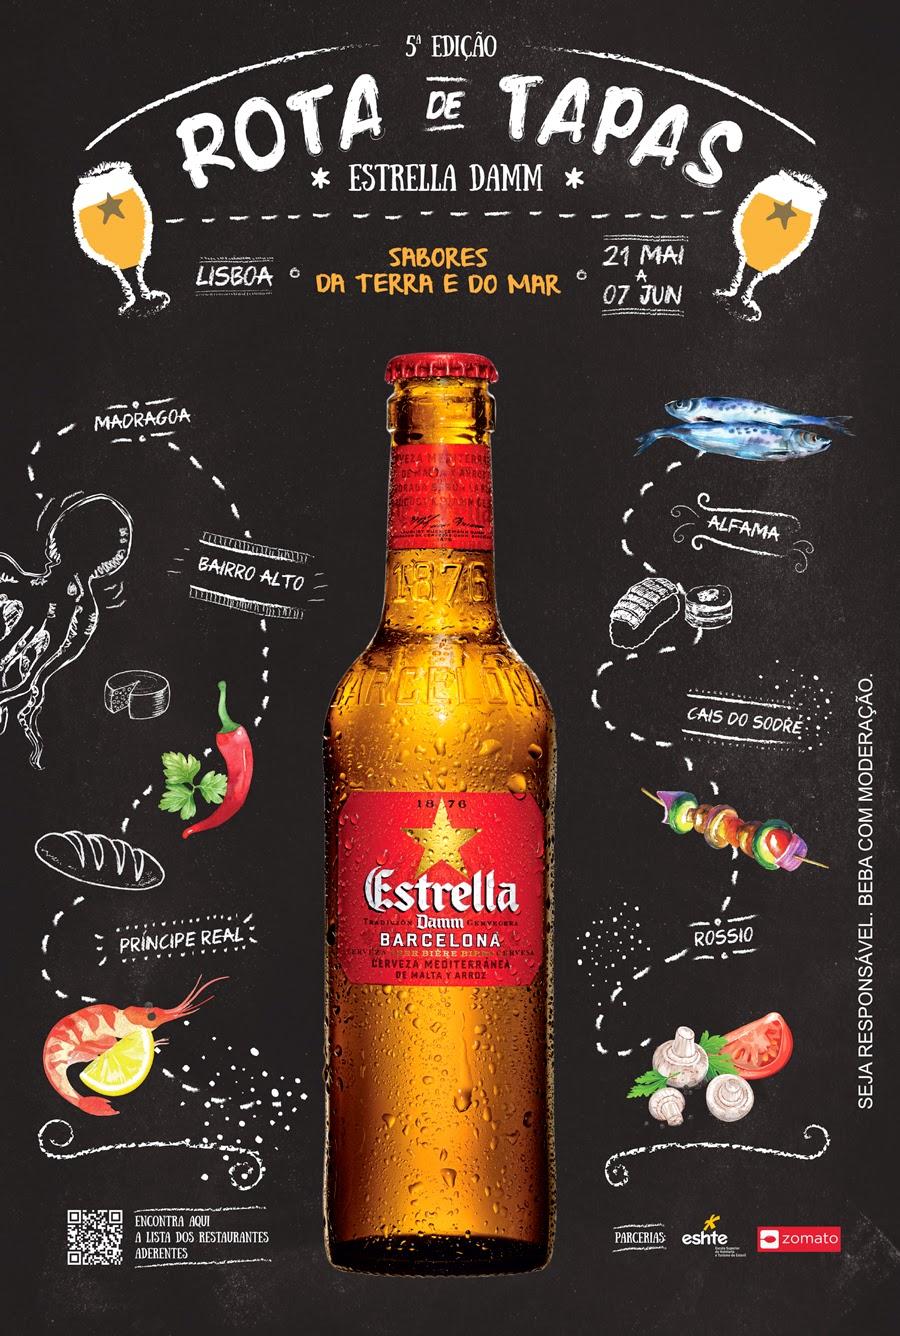 5ª Edição Rota de Tapas Estrella Damm Lisboa